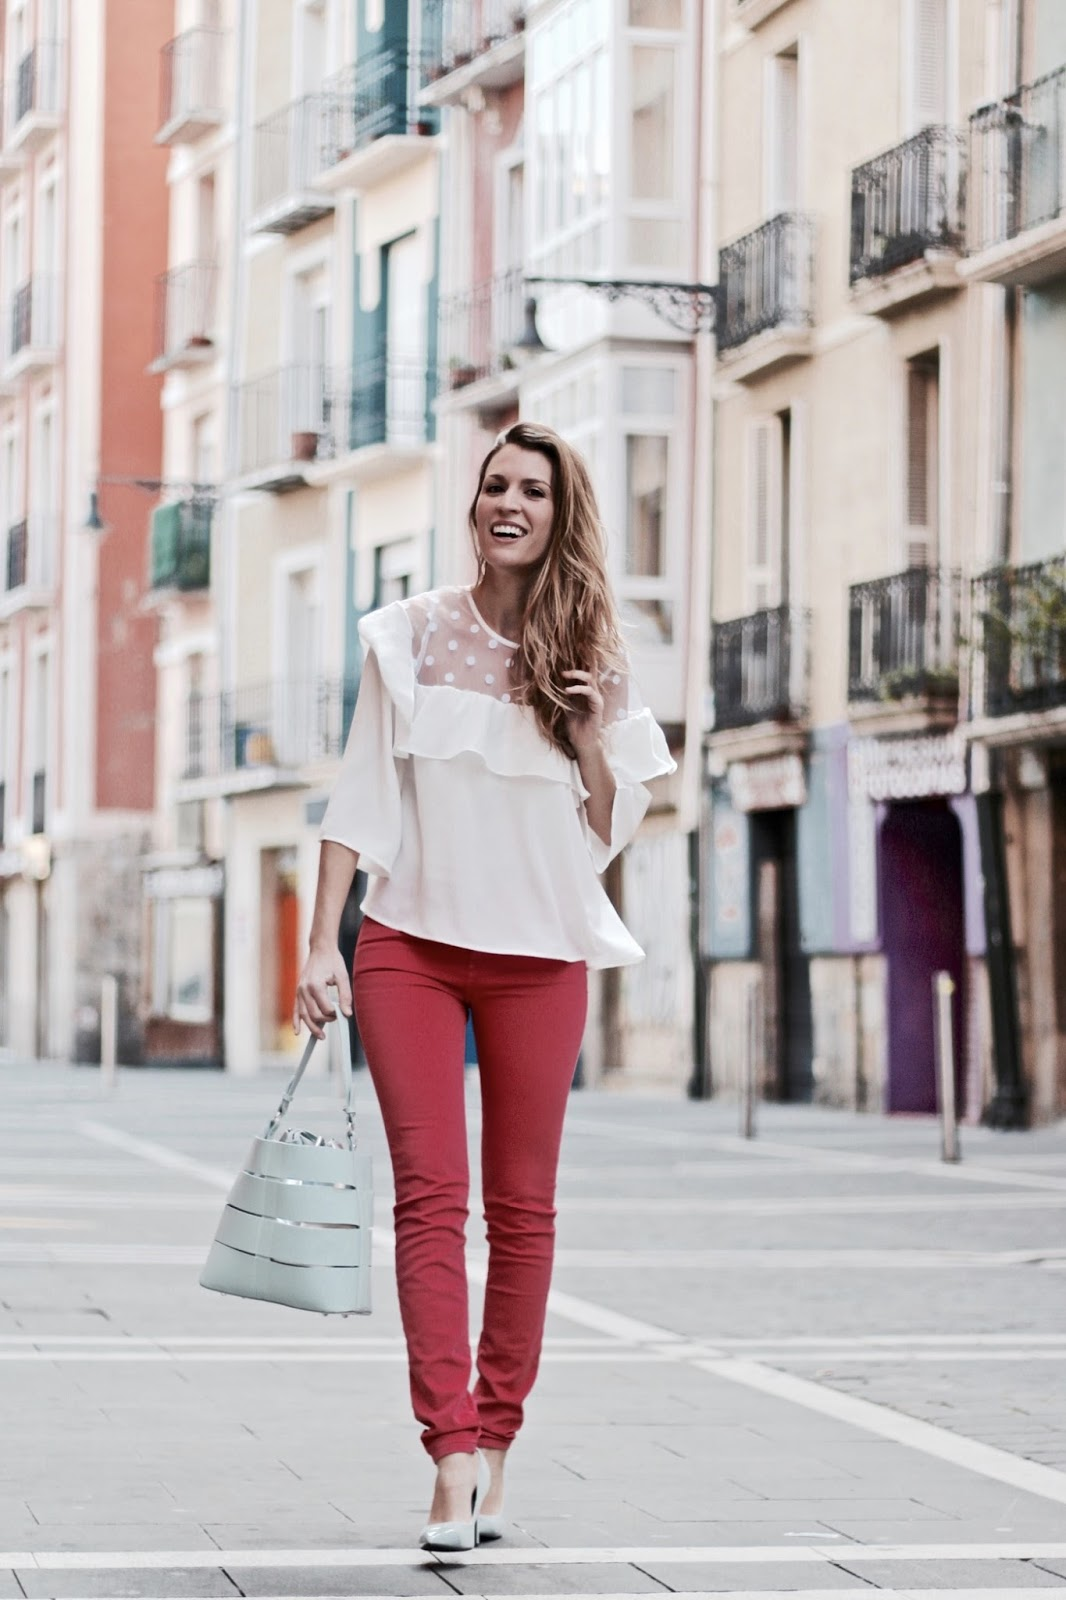 blog de moda y belleza